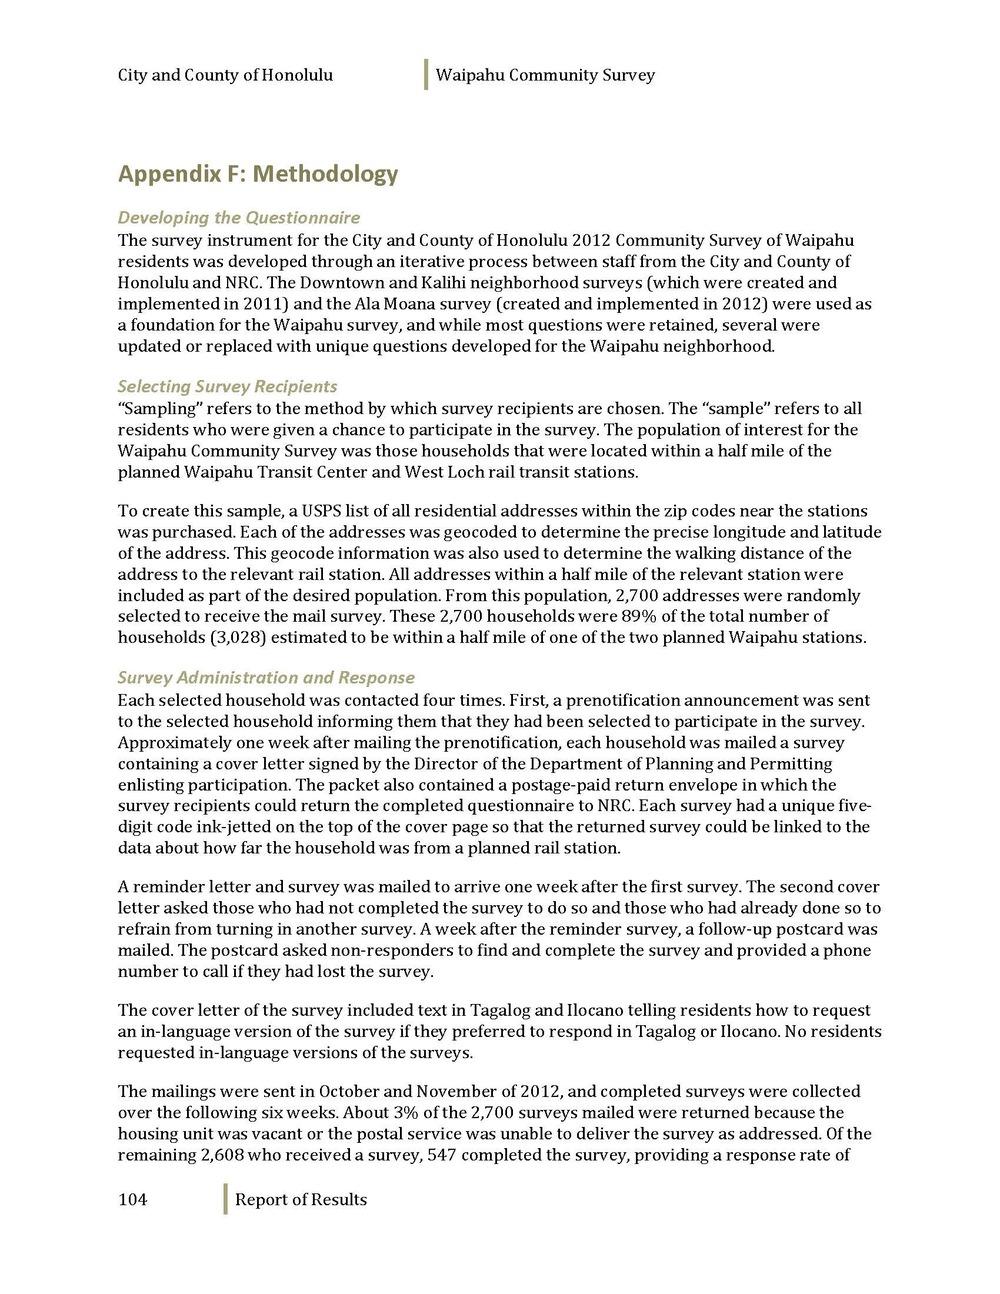 160608_WaipahuCommunitySurvey_Dec2012_Page_106.jpg